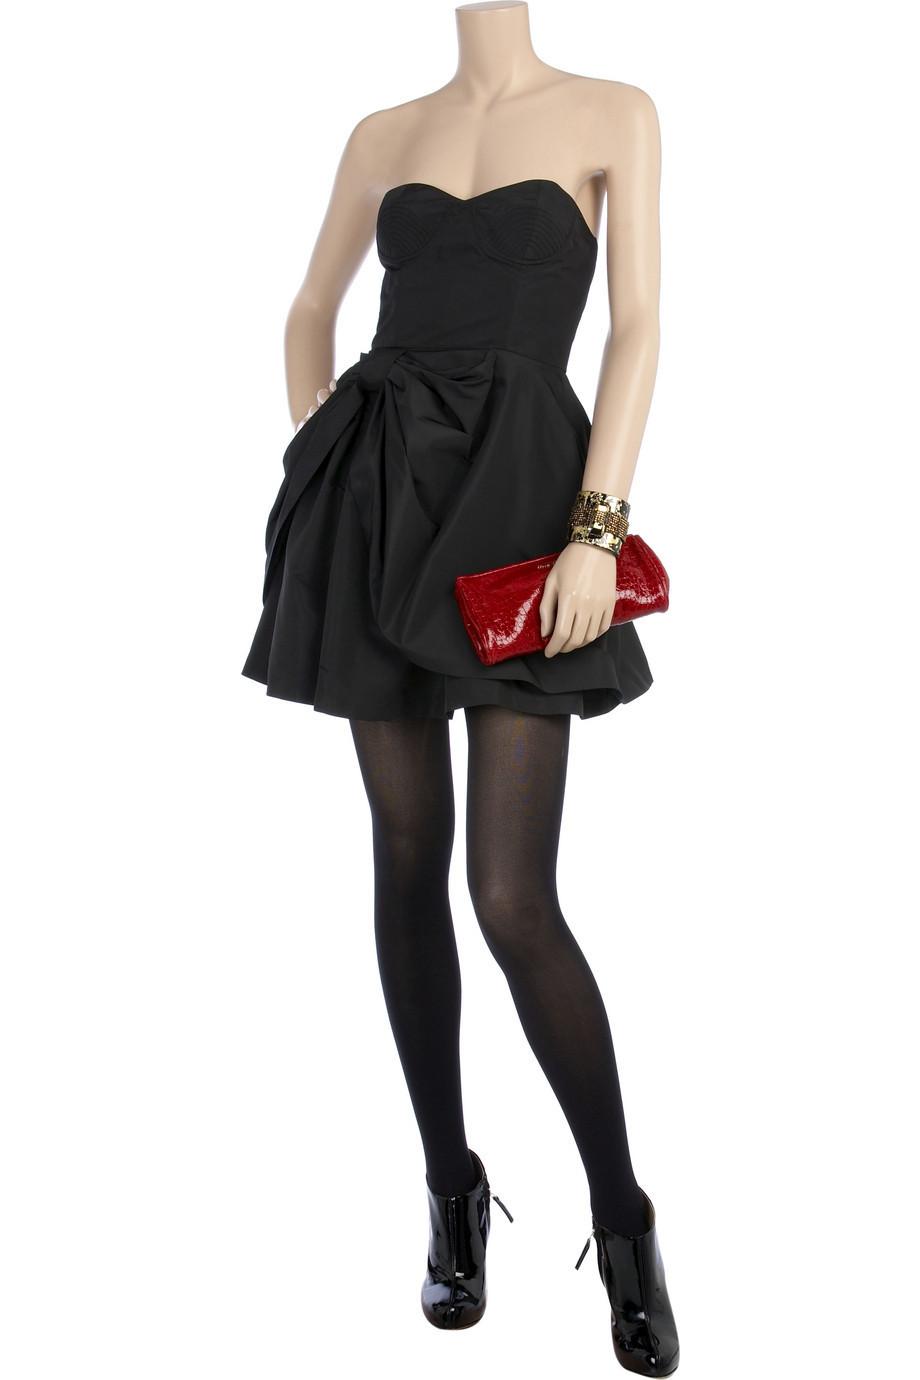 Miu Miu Bustier prom dress | NET-A-PORTER.COM from net-a-porter.com